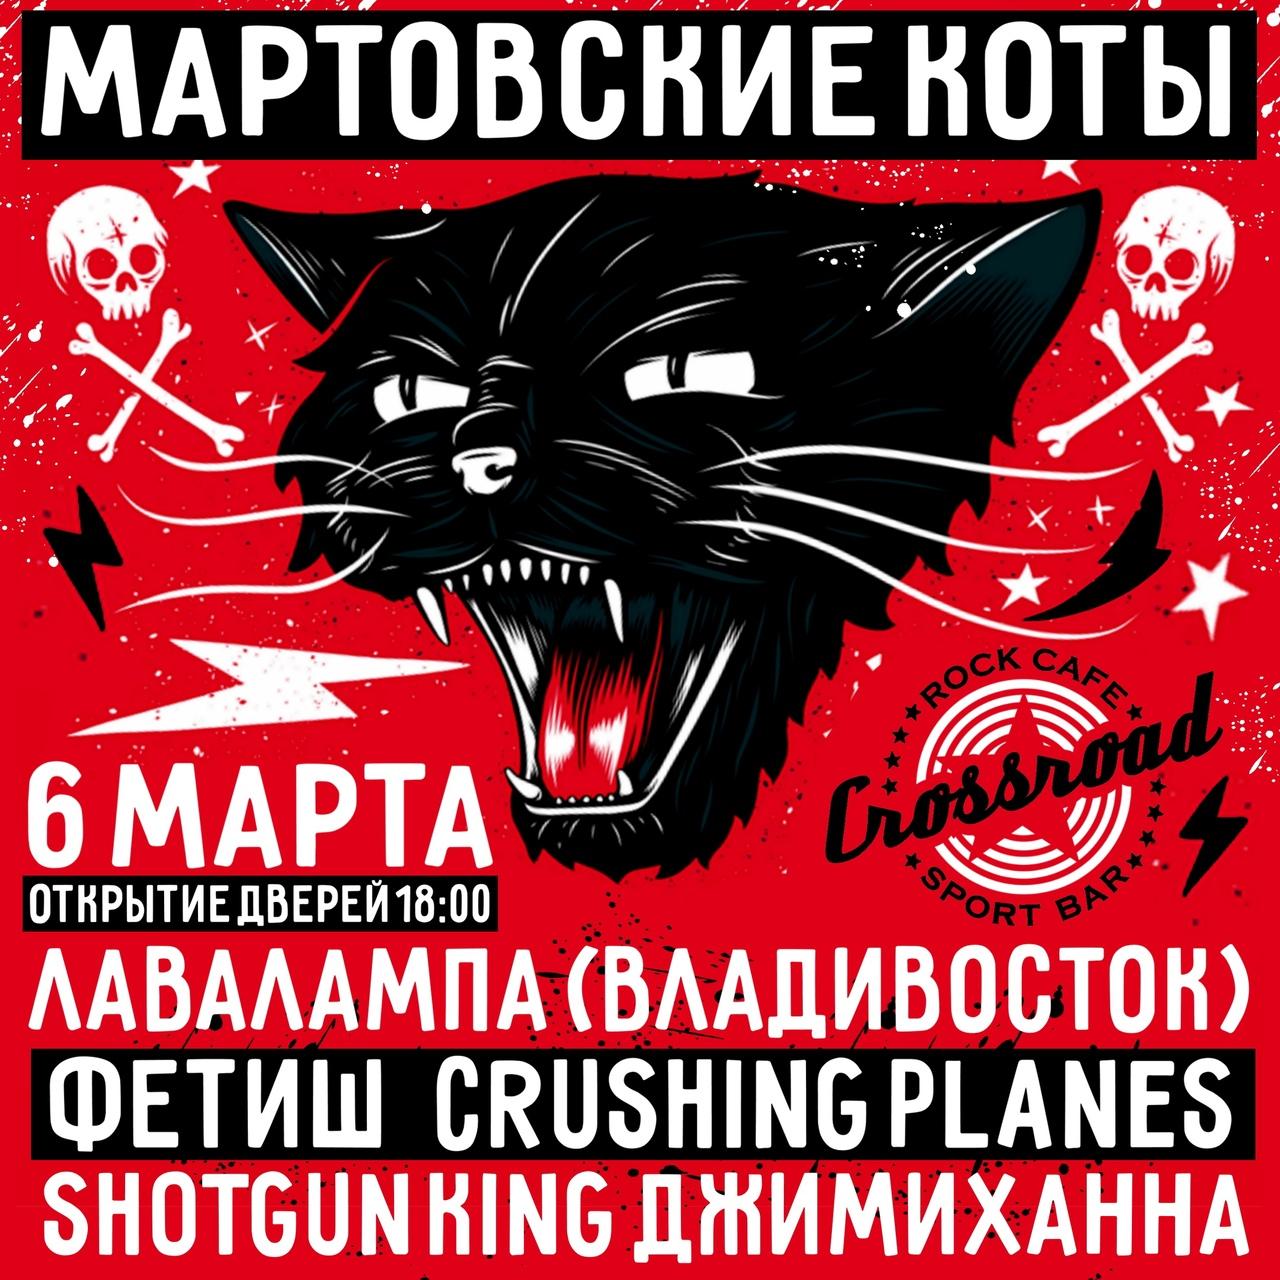 Афиша Мартовские Коты 6 марта Crossroad Bar